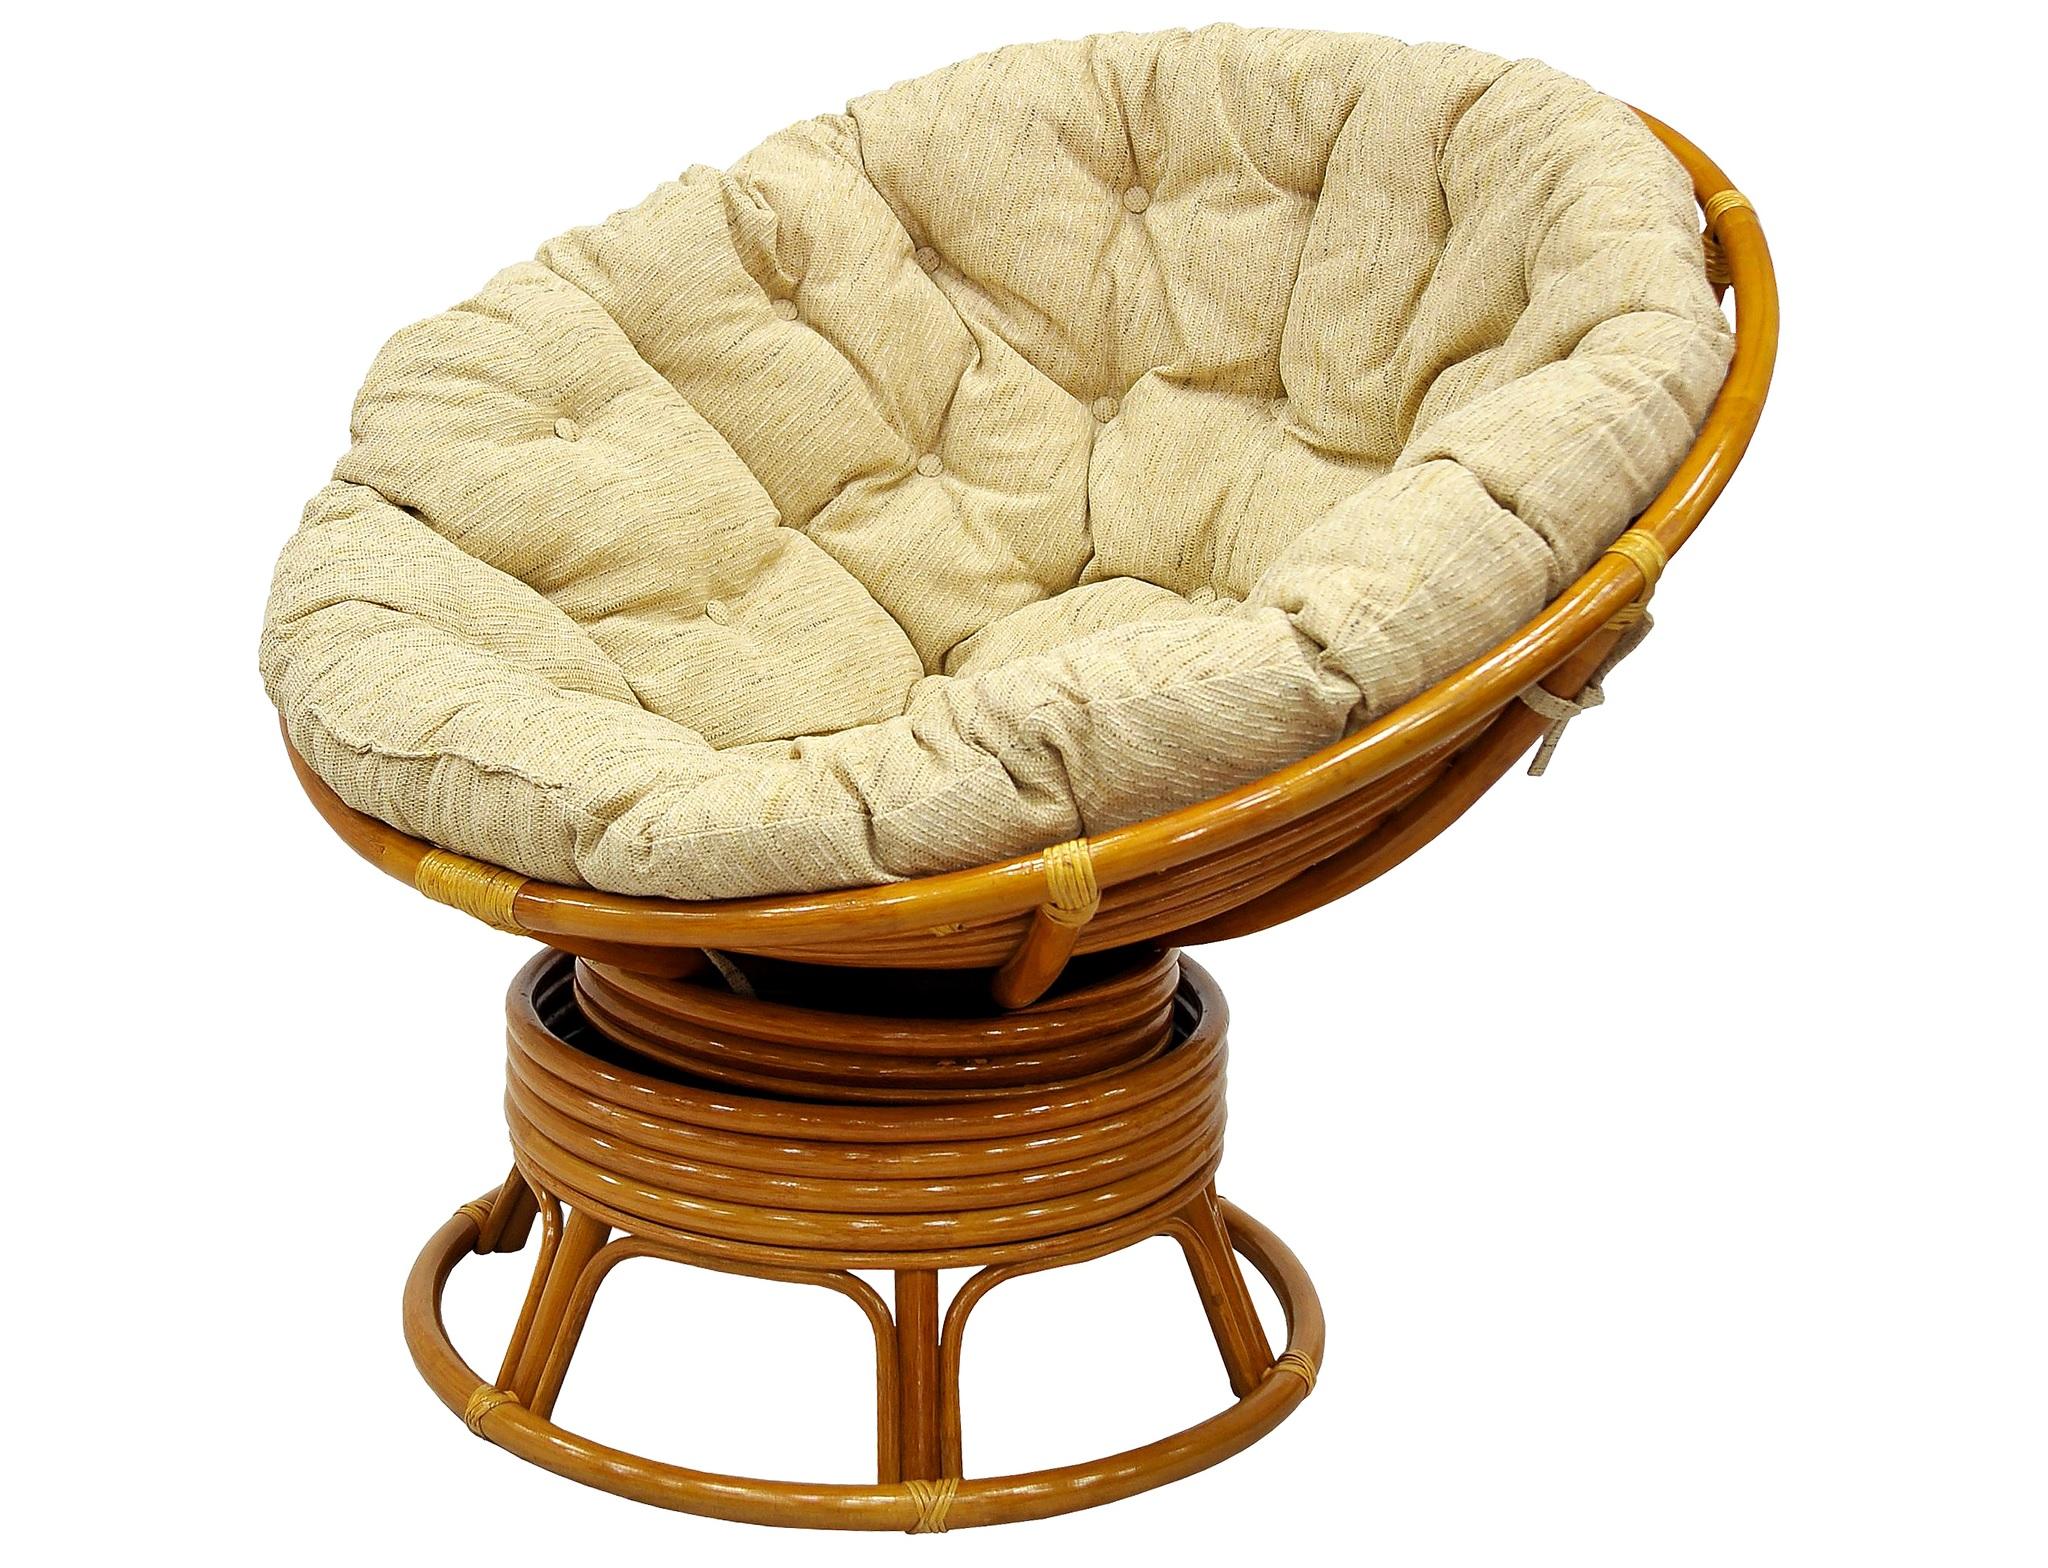 Кресло механическое PapasanКресла для сада<br>В кресло PAPASAN встроен специальный механизм с пружинами. Благодаря ему вы можете равномерно покачиваться и поворачиваться не вставая с кресла. Кресло выдерживает большой вес, оставаясь при этом легким и прочным. Идеально подходит при кормлении ребенка.&amp;lt;div&amp;gt;&amp;lt;br&amp;gt;&amp;lt;/div&amp;gt;&amp;lt;div&amp;gt;Материал: натуральный ротанг.&amp;lt;/div&amp;gt;&amp;lt;div&amp;gt;Материал подушки: рогожка /  шенилл (143).&amp;lt;/div&amp;gt;&amp;lt;div&amp;gt;Особенности: сборно-разборное, качается и вращается на 360 градусов.&amp;lt;/div&amp;gt;&amp;lt;div&amp;gt;Выдерживаемая нагрузка:  120 кг.&amp;lt;/div&amp;gt;<br><br>Material: Ротанг<br>Высота см: 95